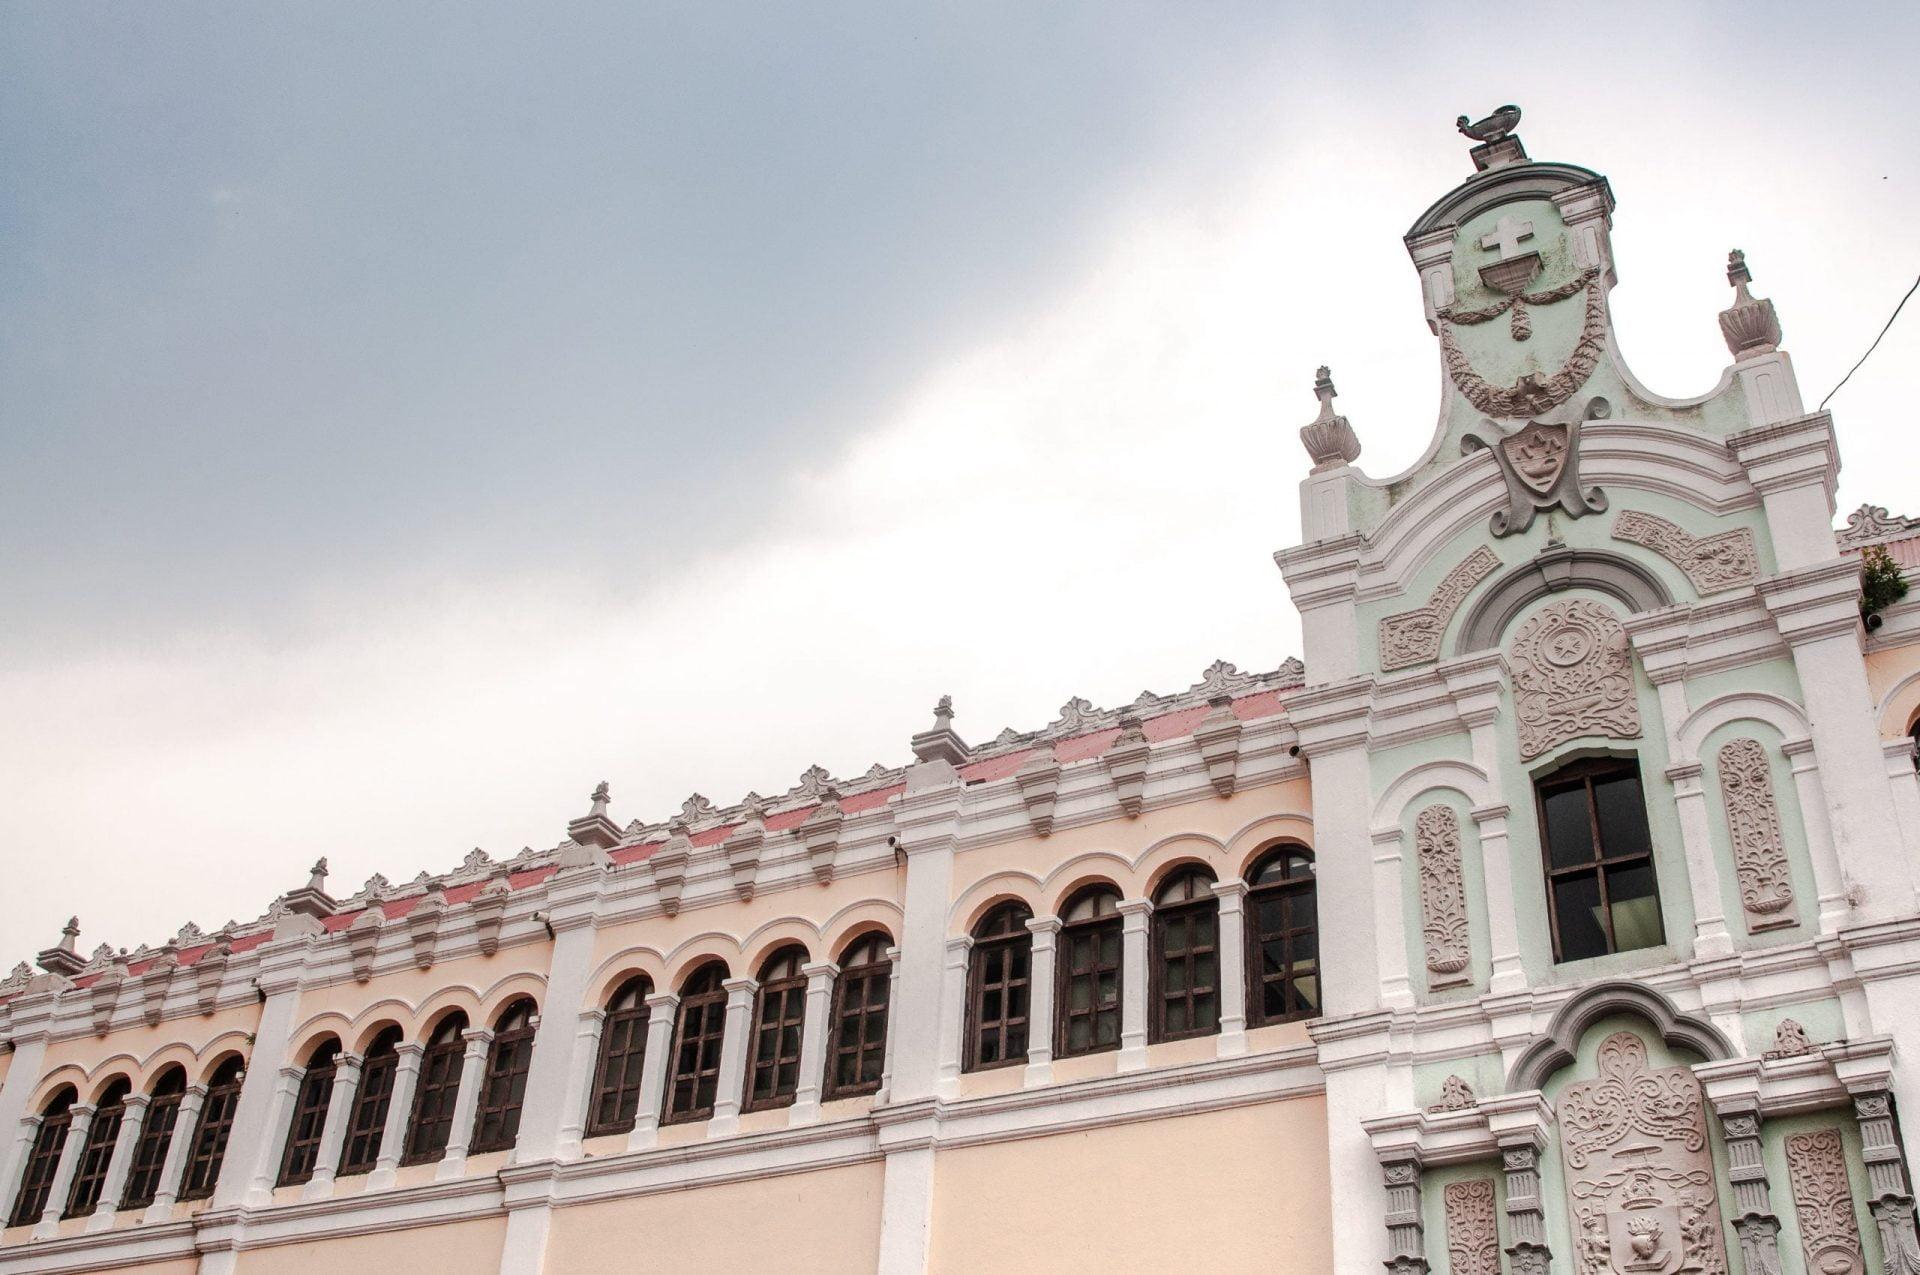 Panama city 10 scaled - Les globe blogueurs - blog voyage nature